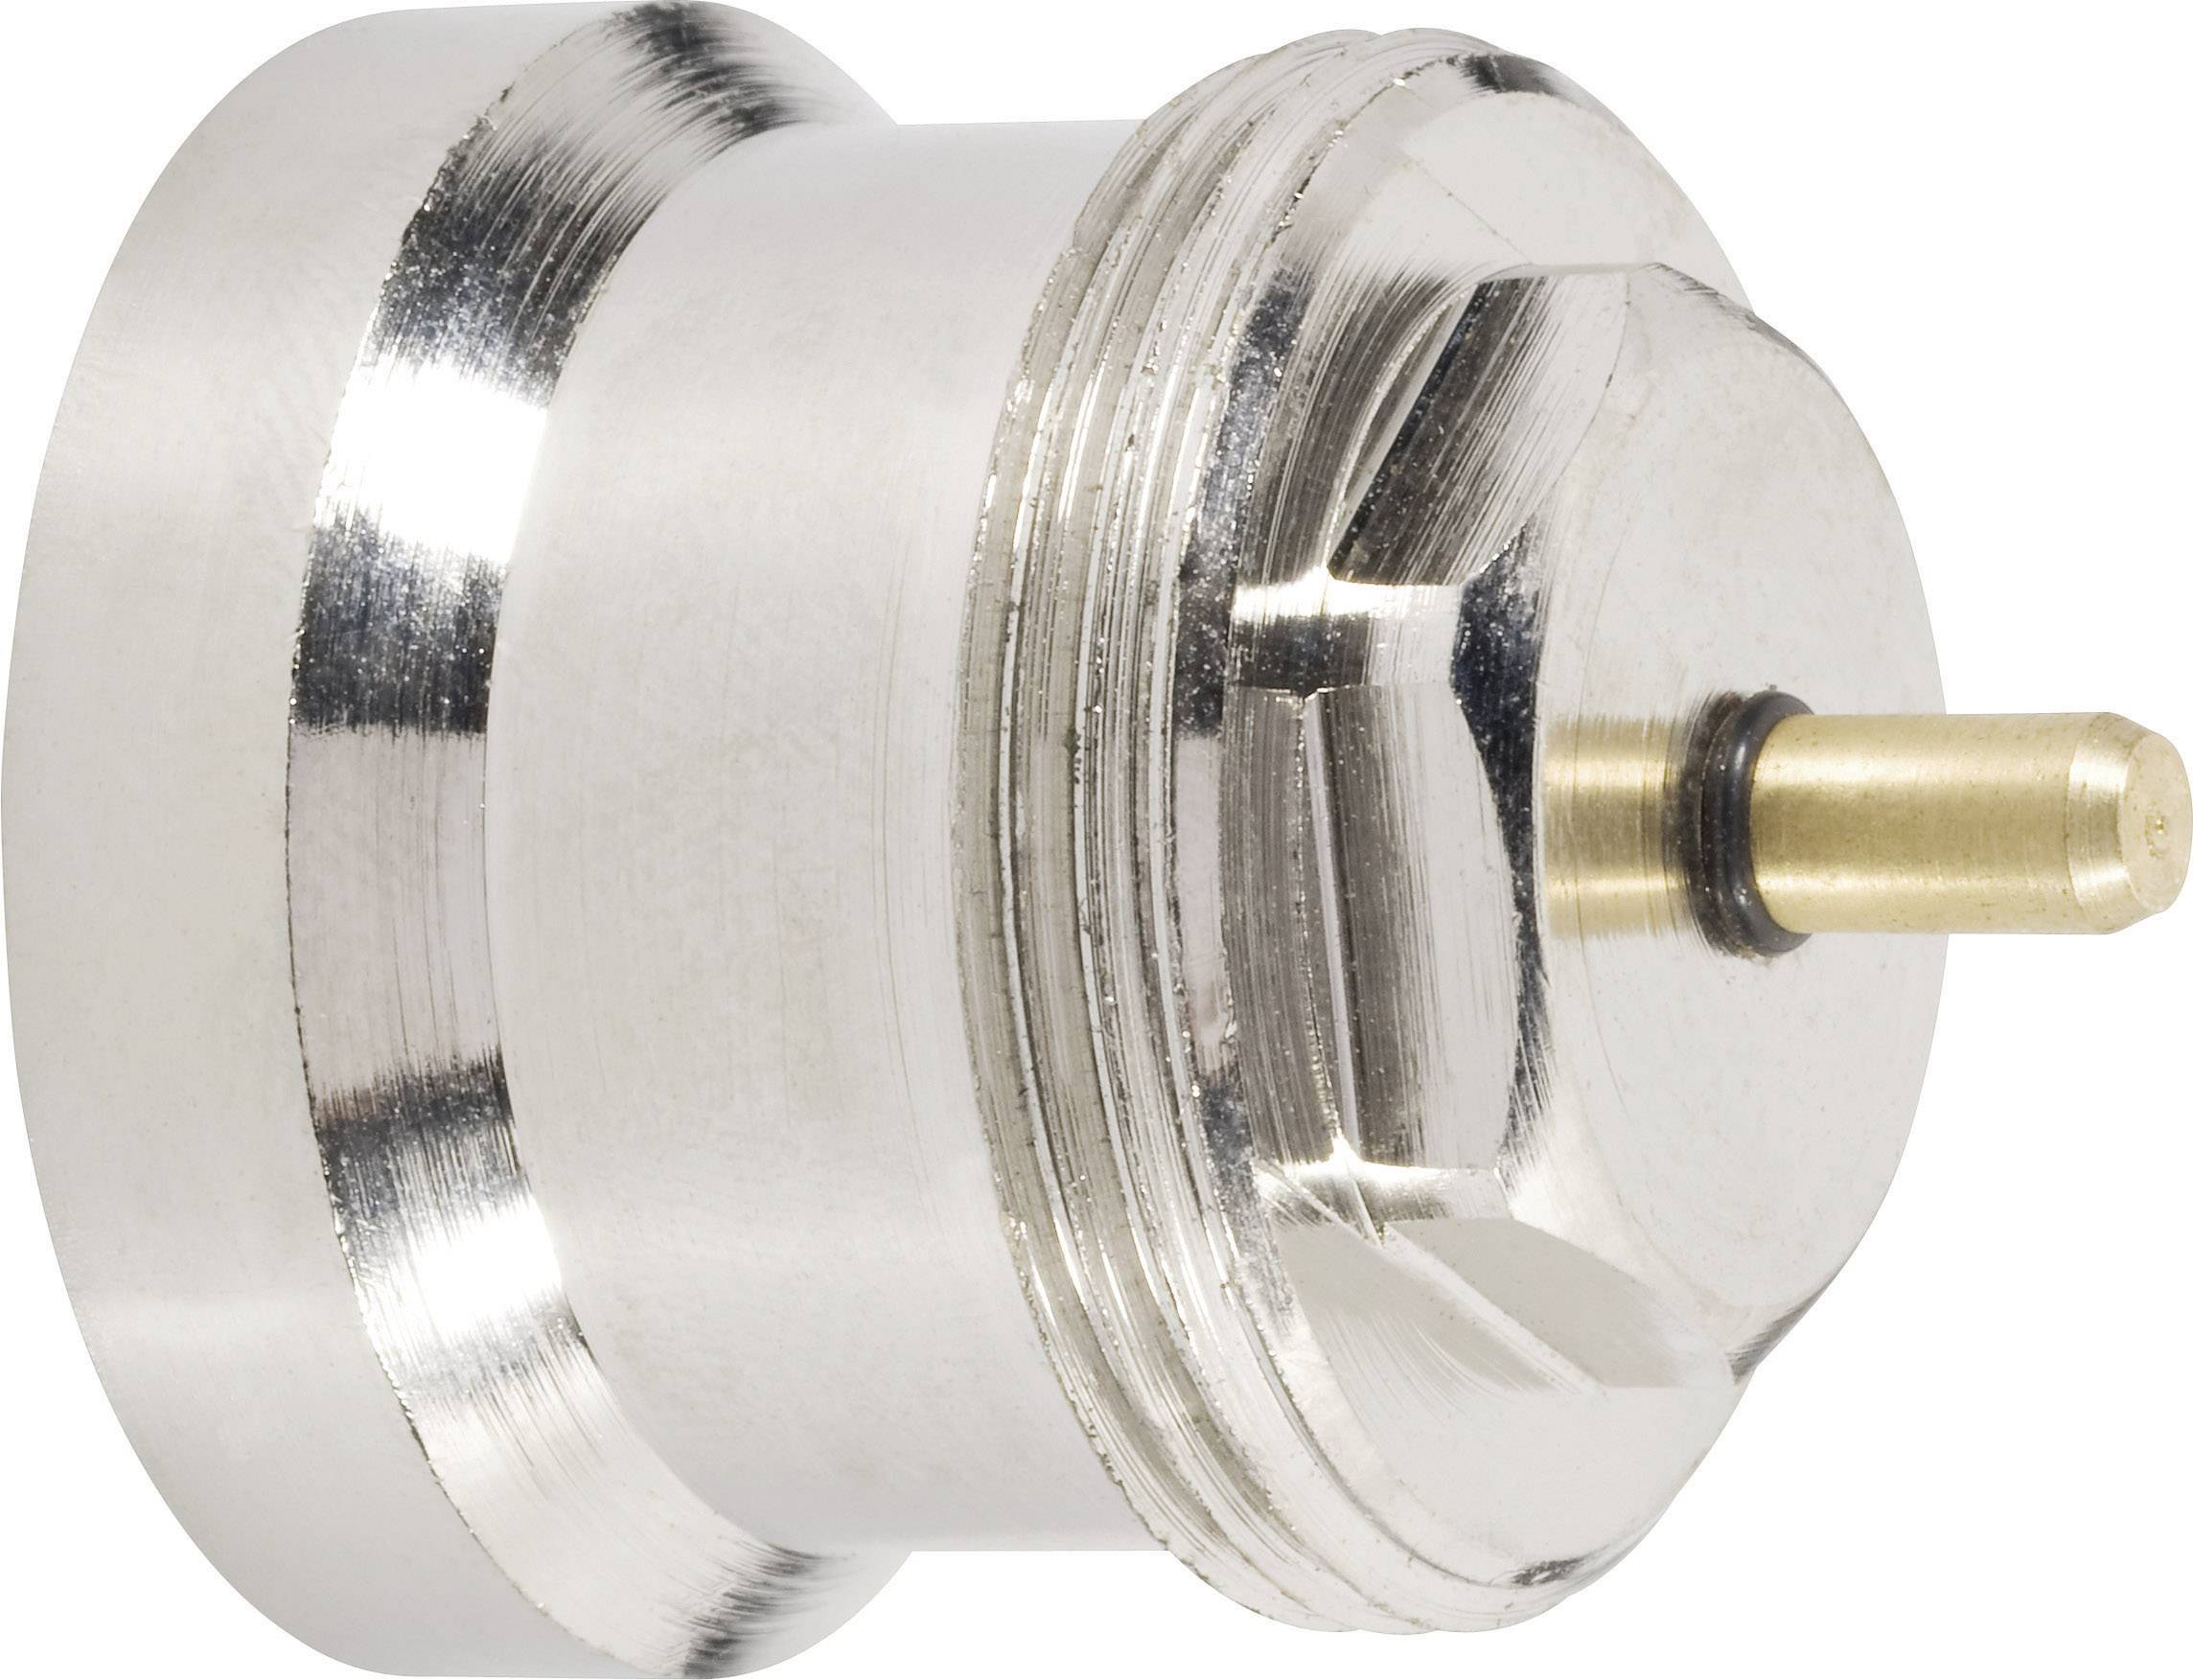 Mosadzný adaptér termostatu 700 100 002 vhodný pre Oventrop, M30 x 1.0